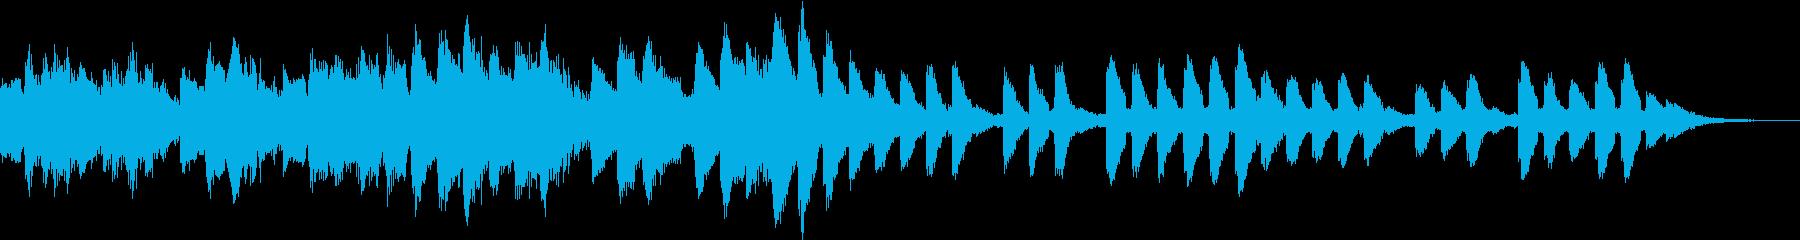 Ayakashi 妖の世界のジングルの再生済みの波形